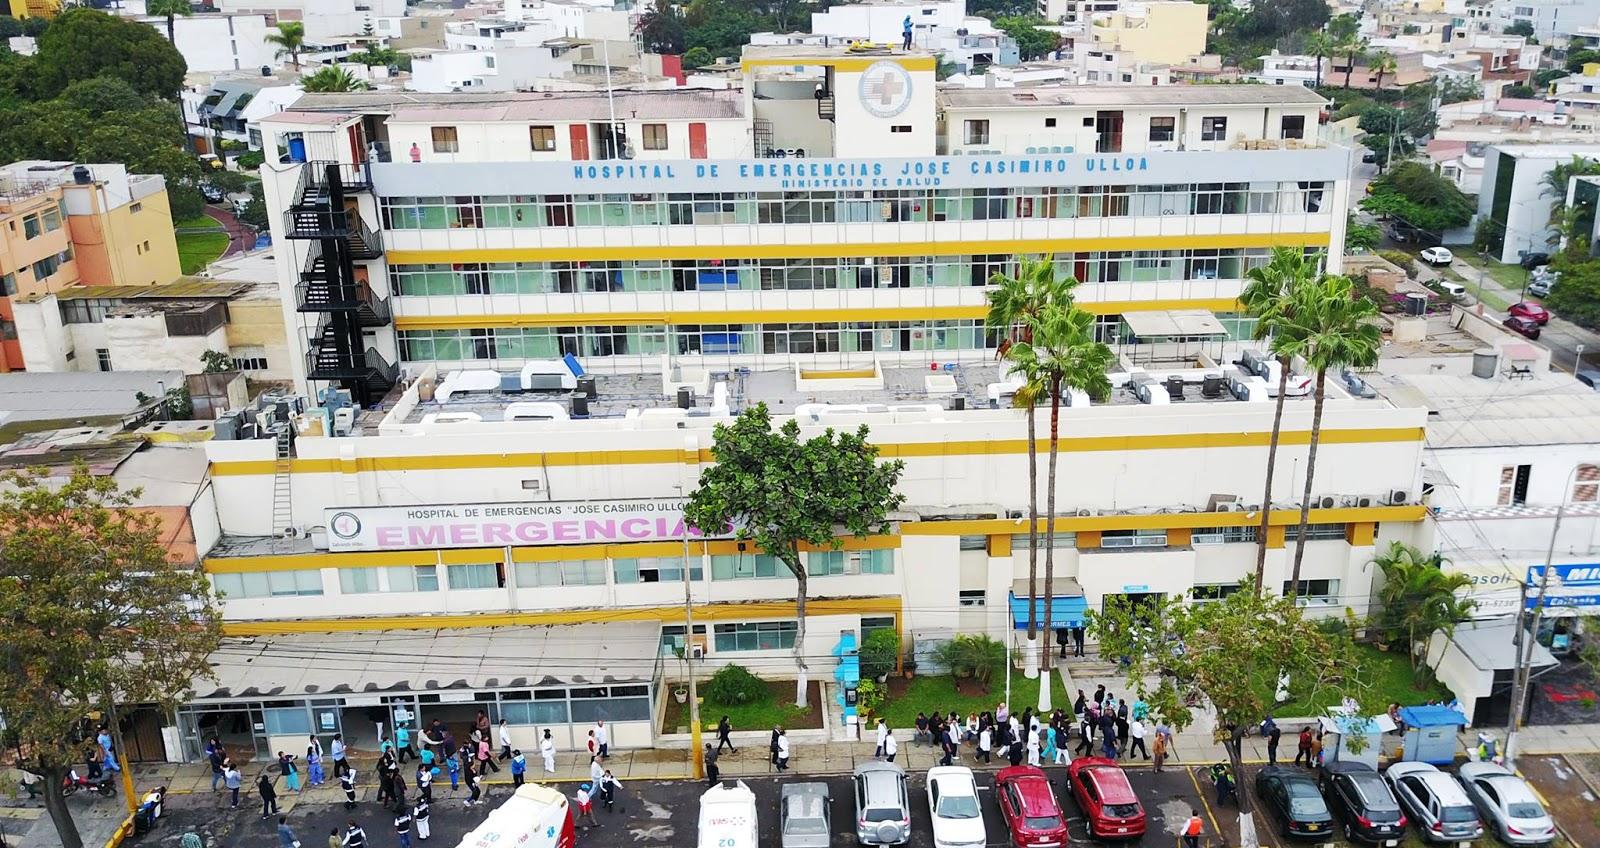 Hospital de Emergencias José Casimiro Ulloa